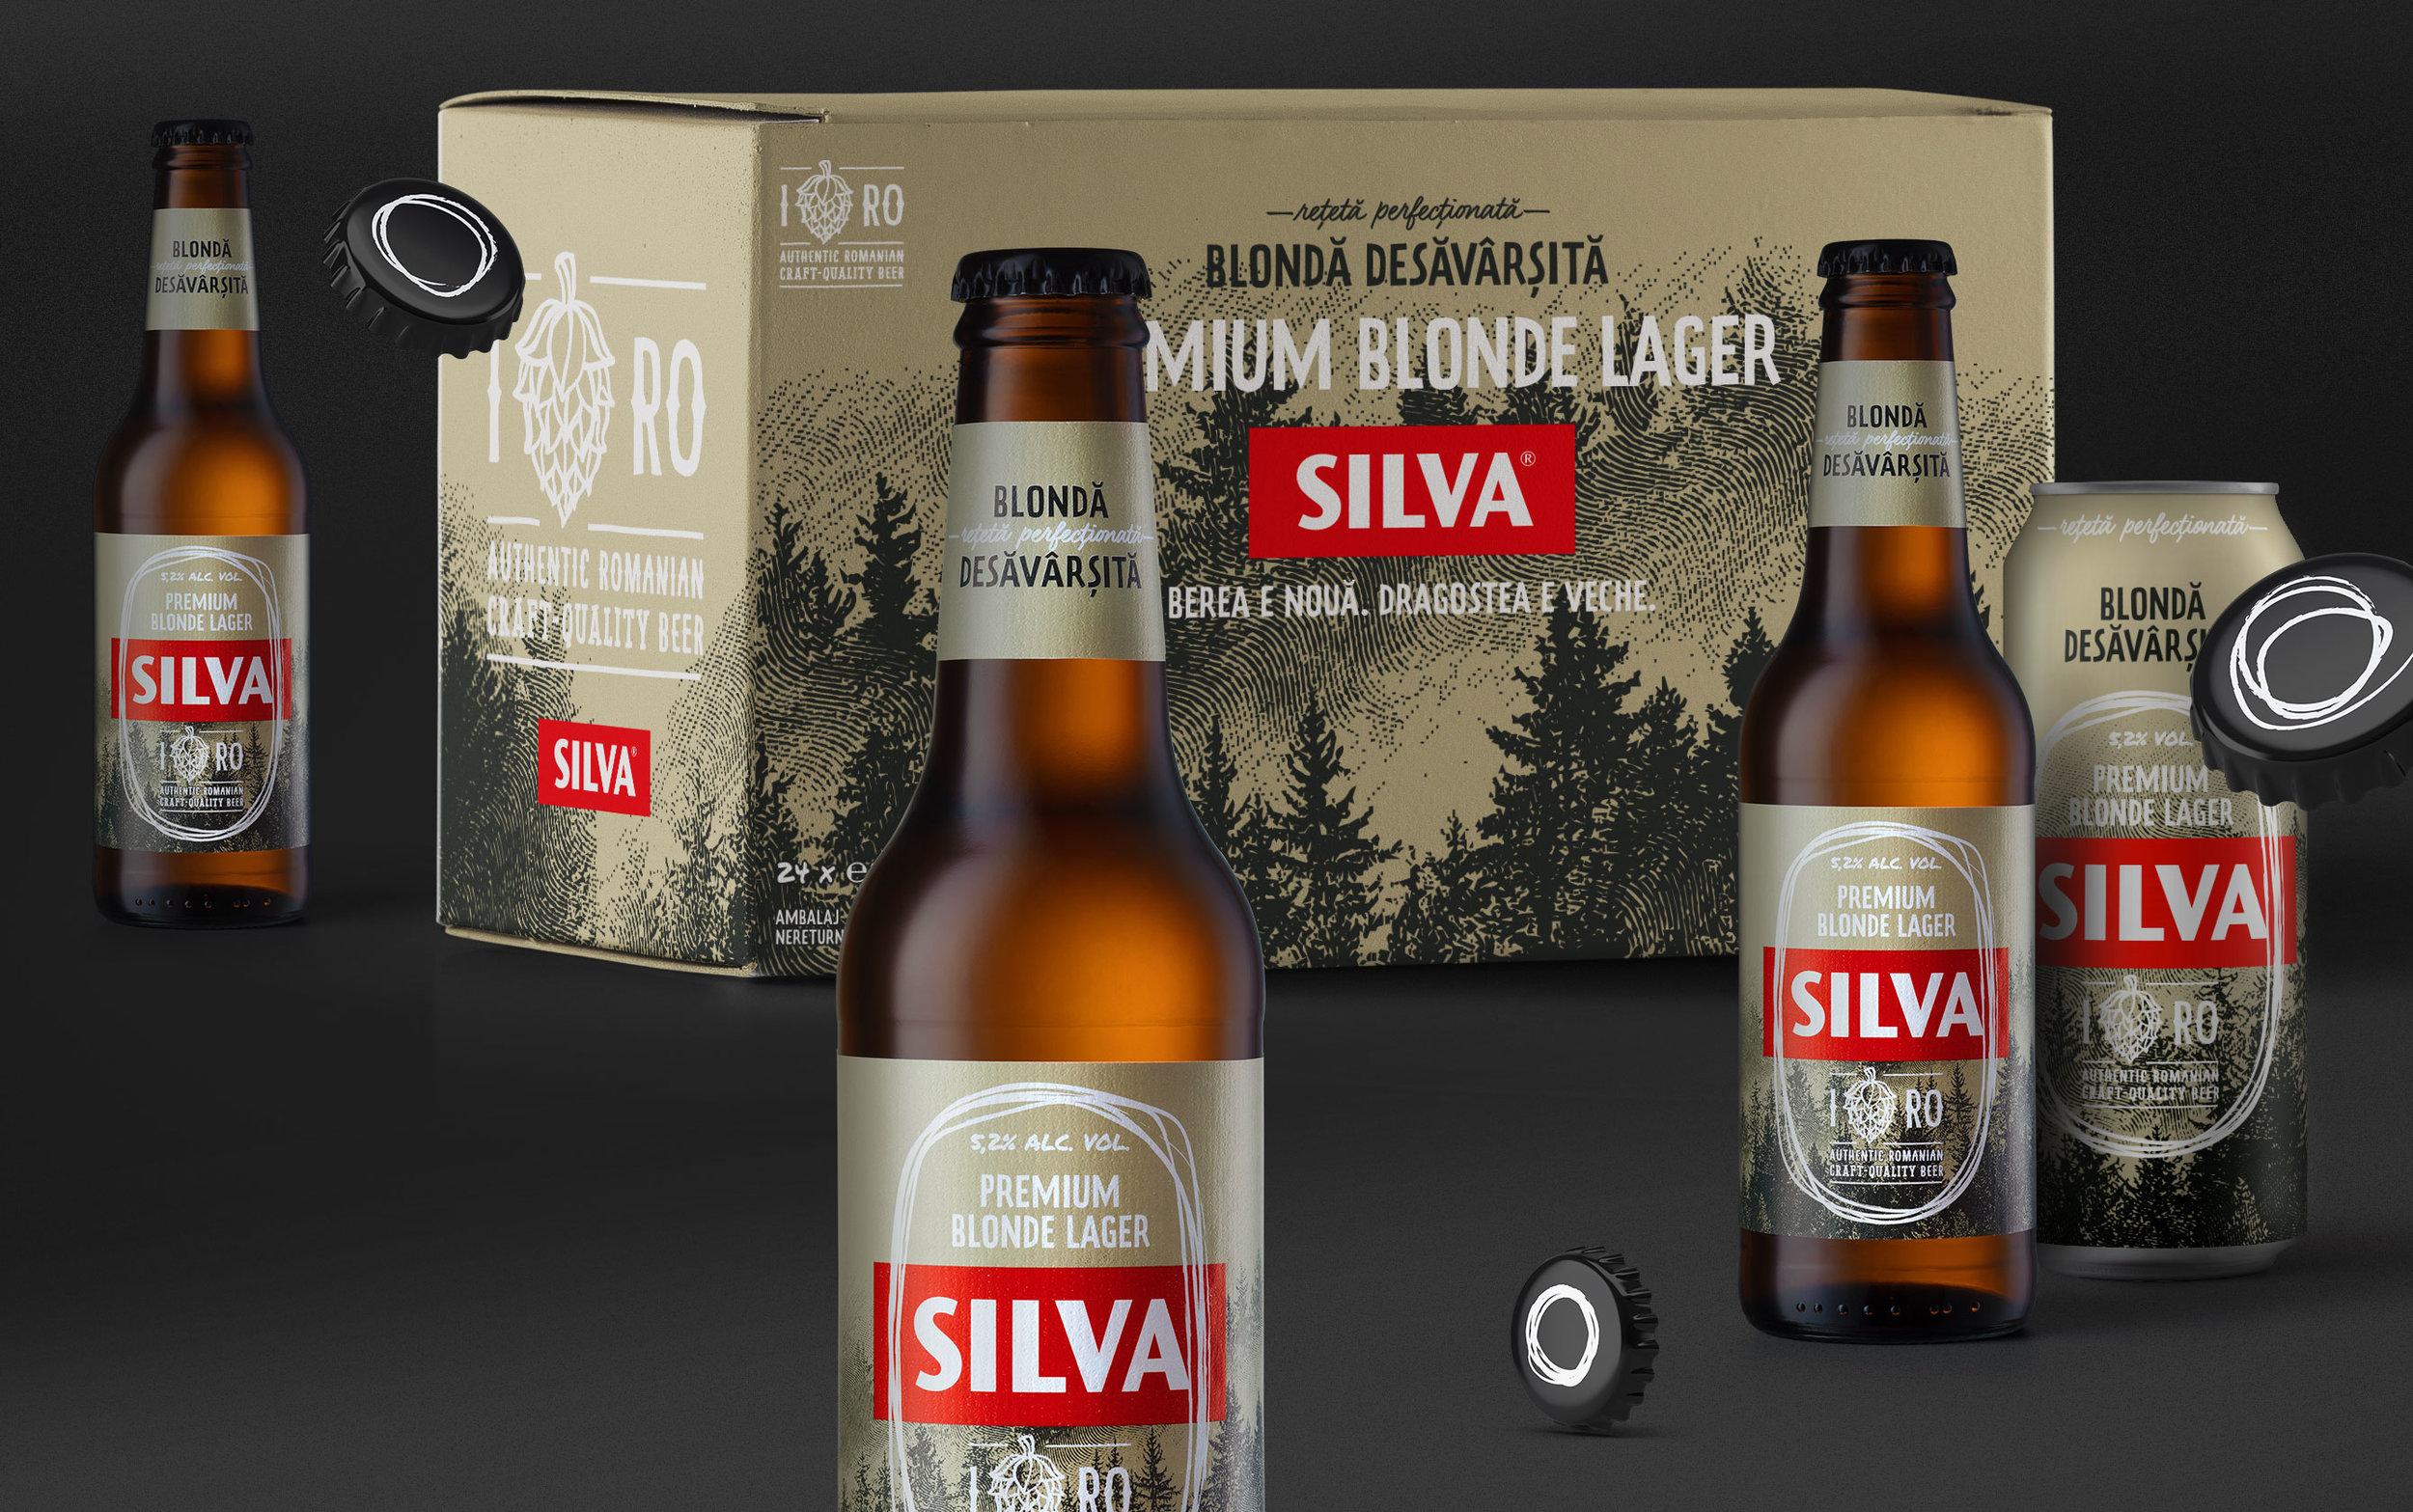 05-Silva-Premium-Blonde-Lager-Suite-Packaging-Design-by-Brandient.jpg